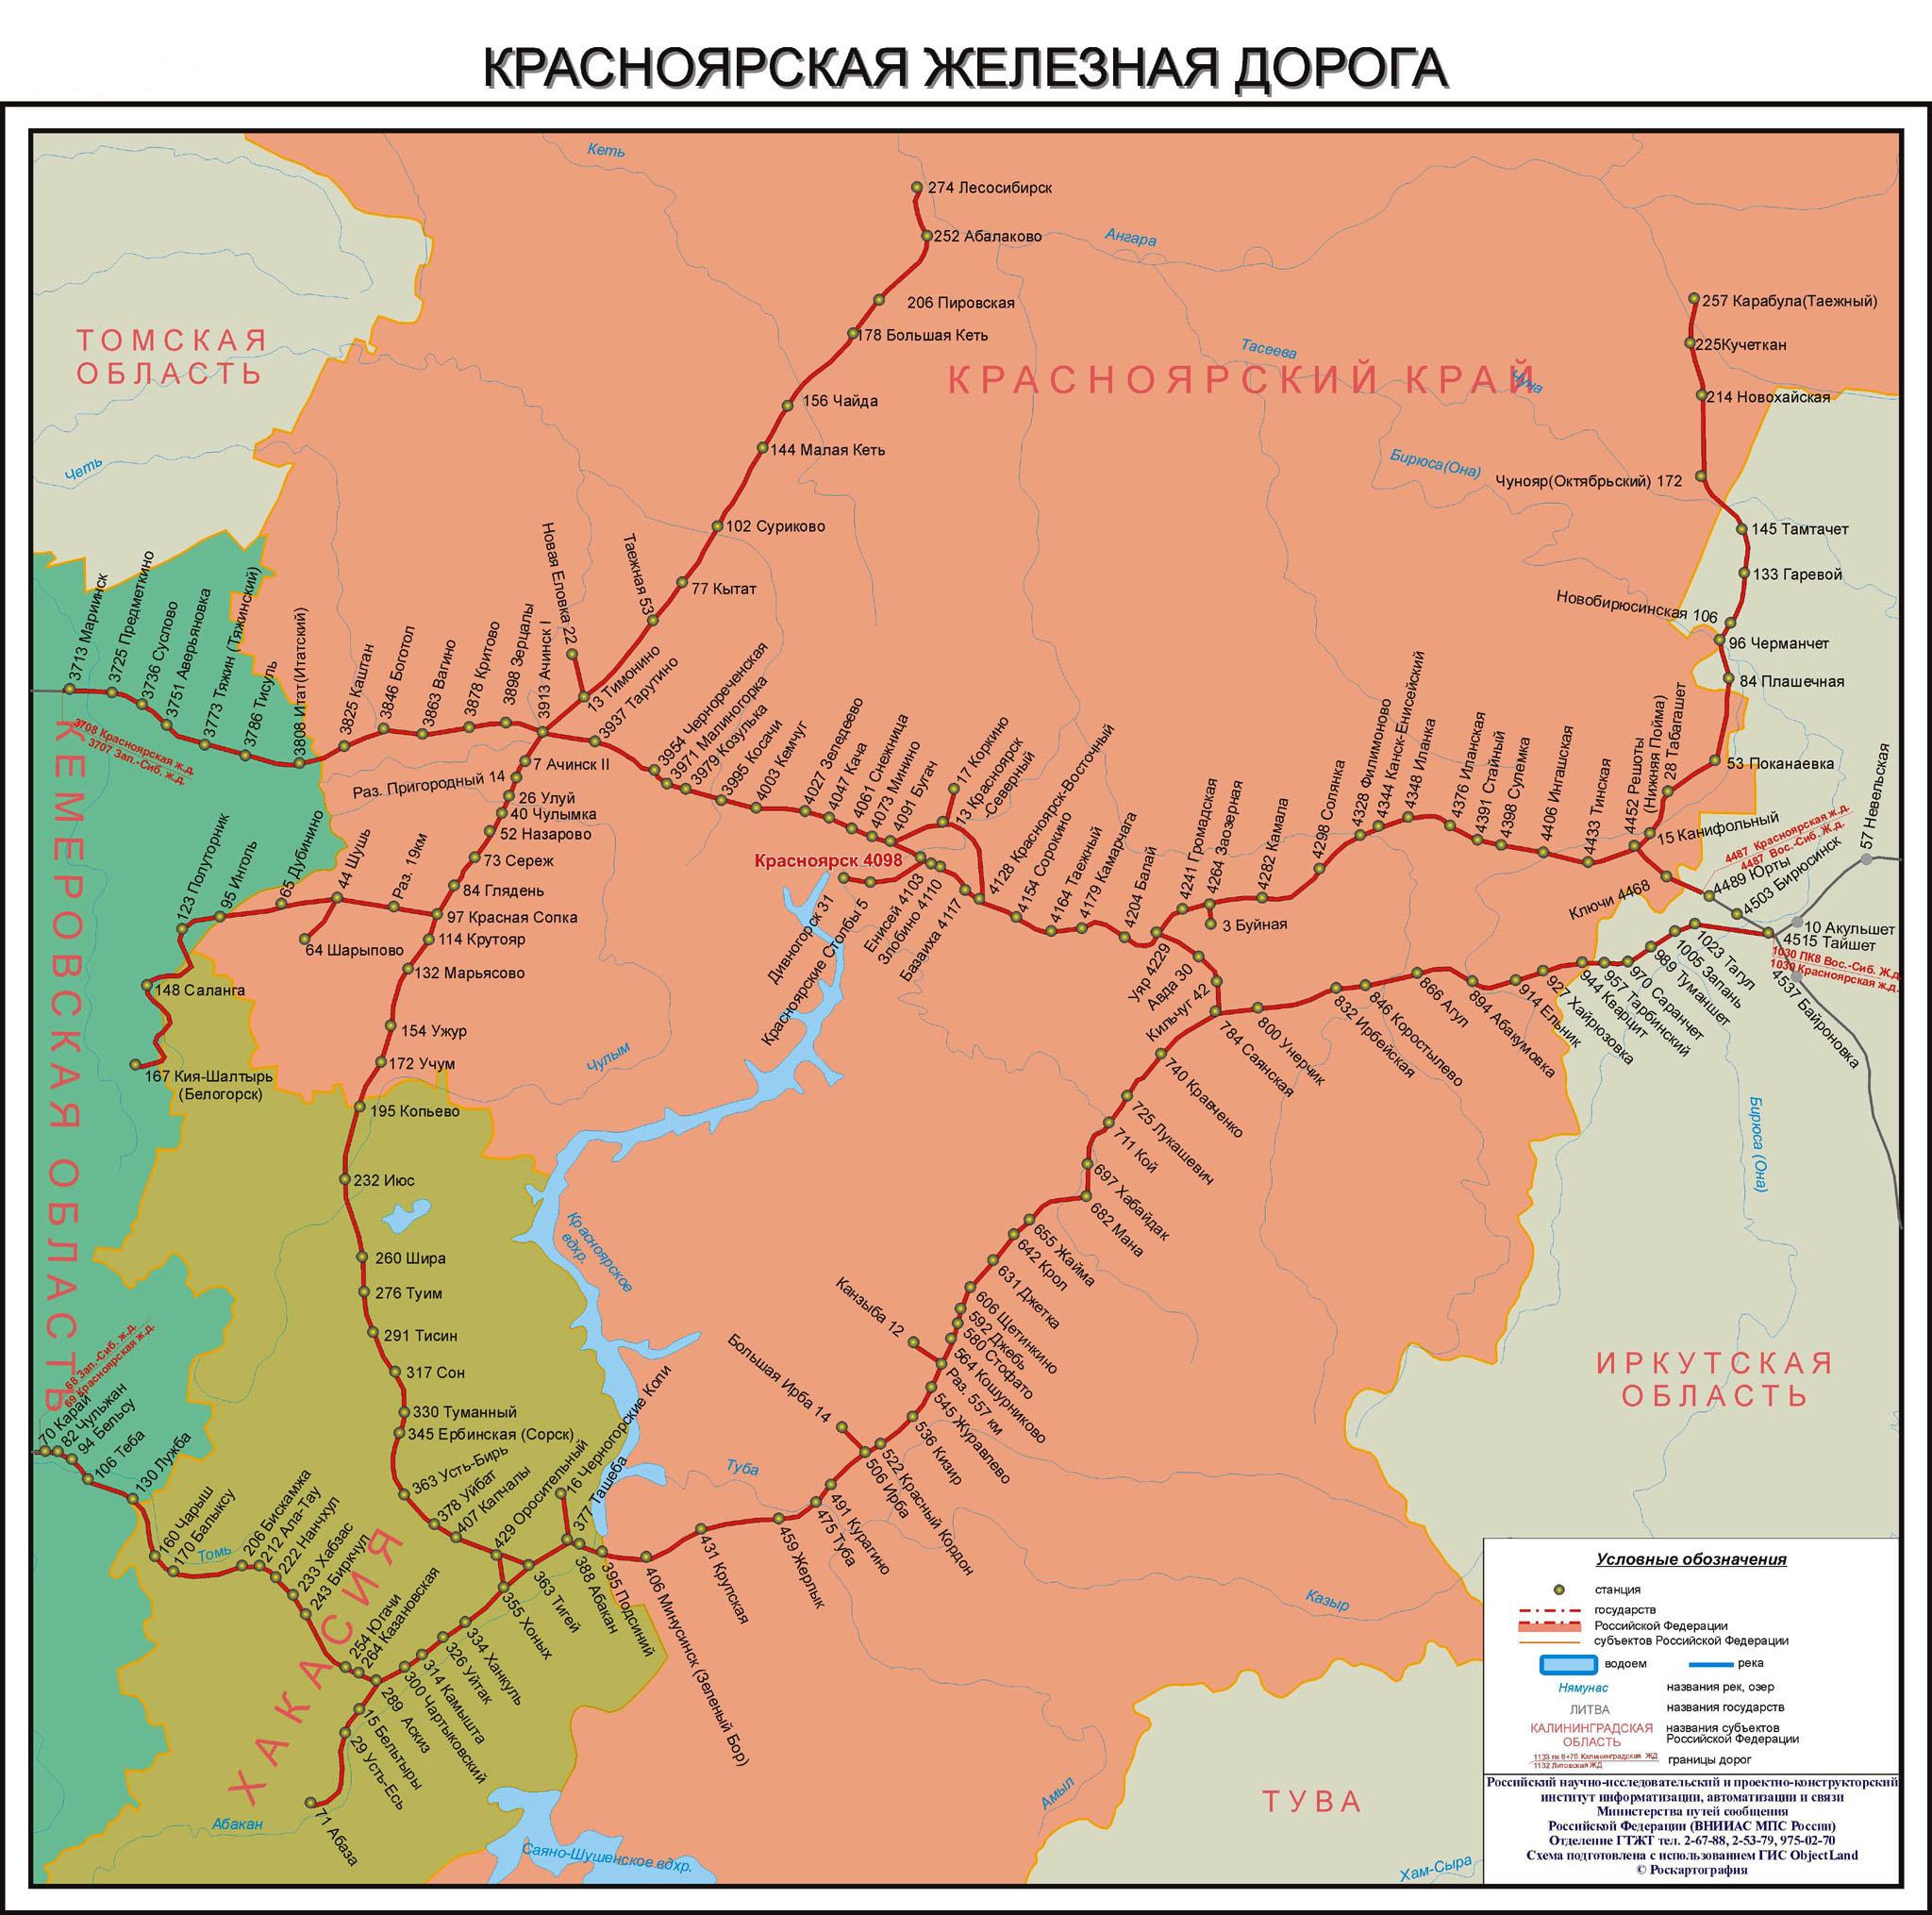 Скачать карту схему метро москвы - 366e